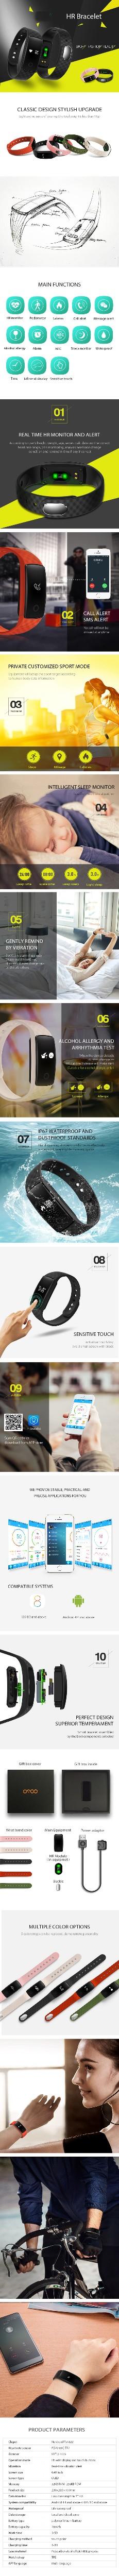 ถูก สนับสนุนAndroid 4.4และสูงกว่าหรือiOS 8.0ขึ้นไปบลูทูธ4.0รุ่น,กันน้ำและกันฝุ่นsmart watch